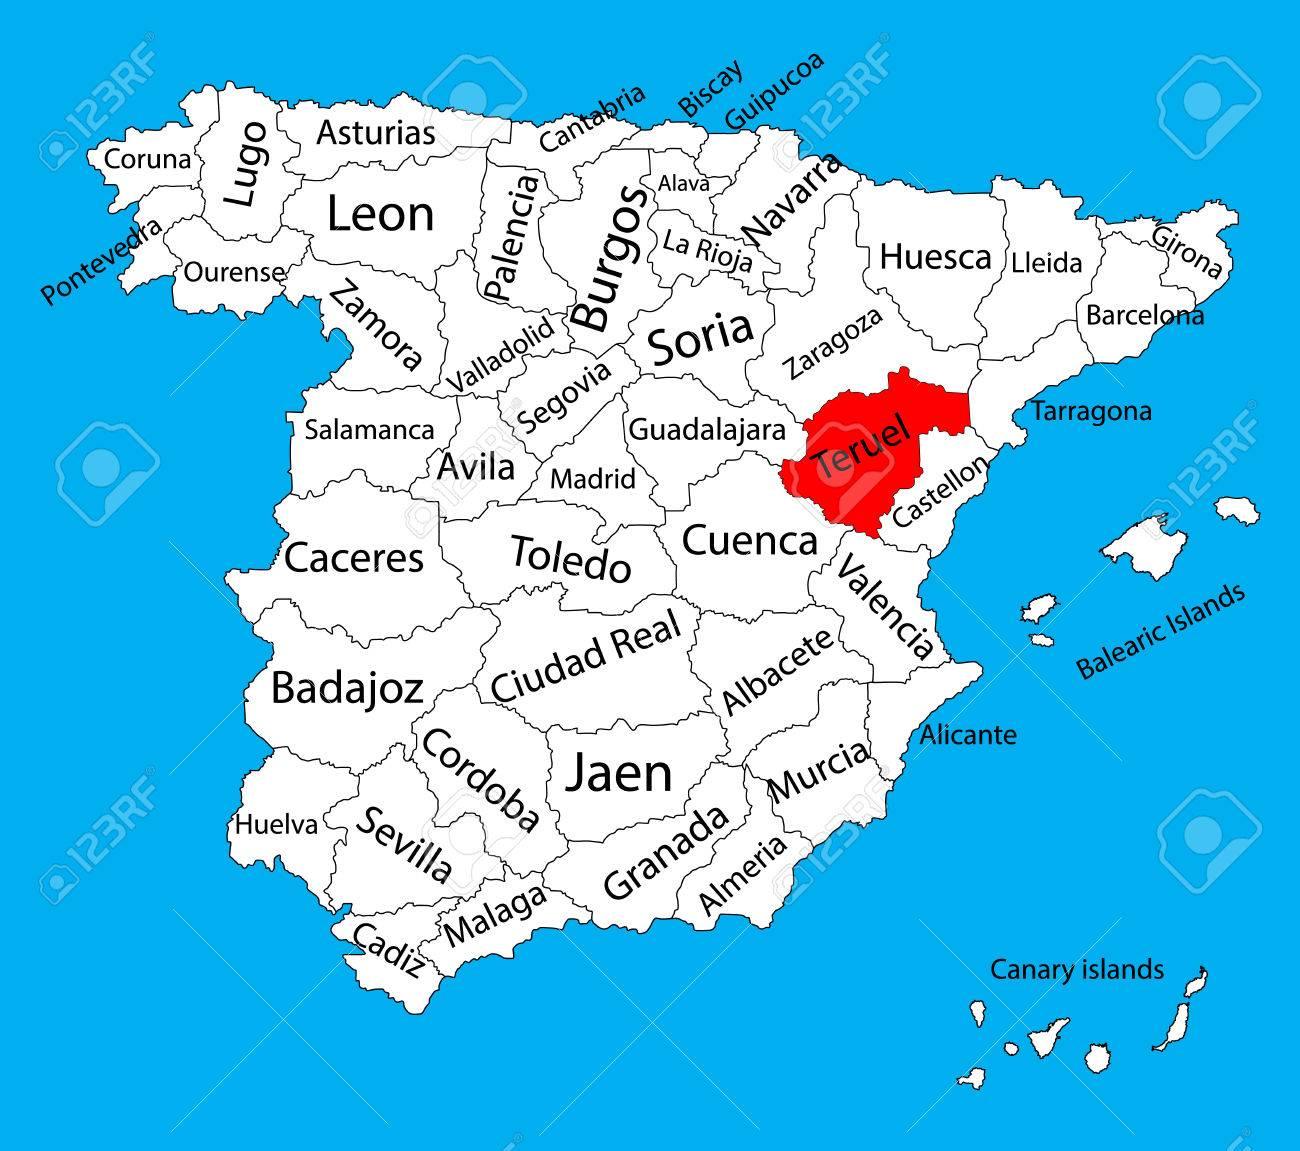 Provincia De Teruel Mapa.Mapa De Teruel Mapa Del Vector De La Provincia De Espana Alto Mapa Detallado Del Vector De Espana Con Regiones Separadas Aisladas En El Fondo Mapa